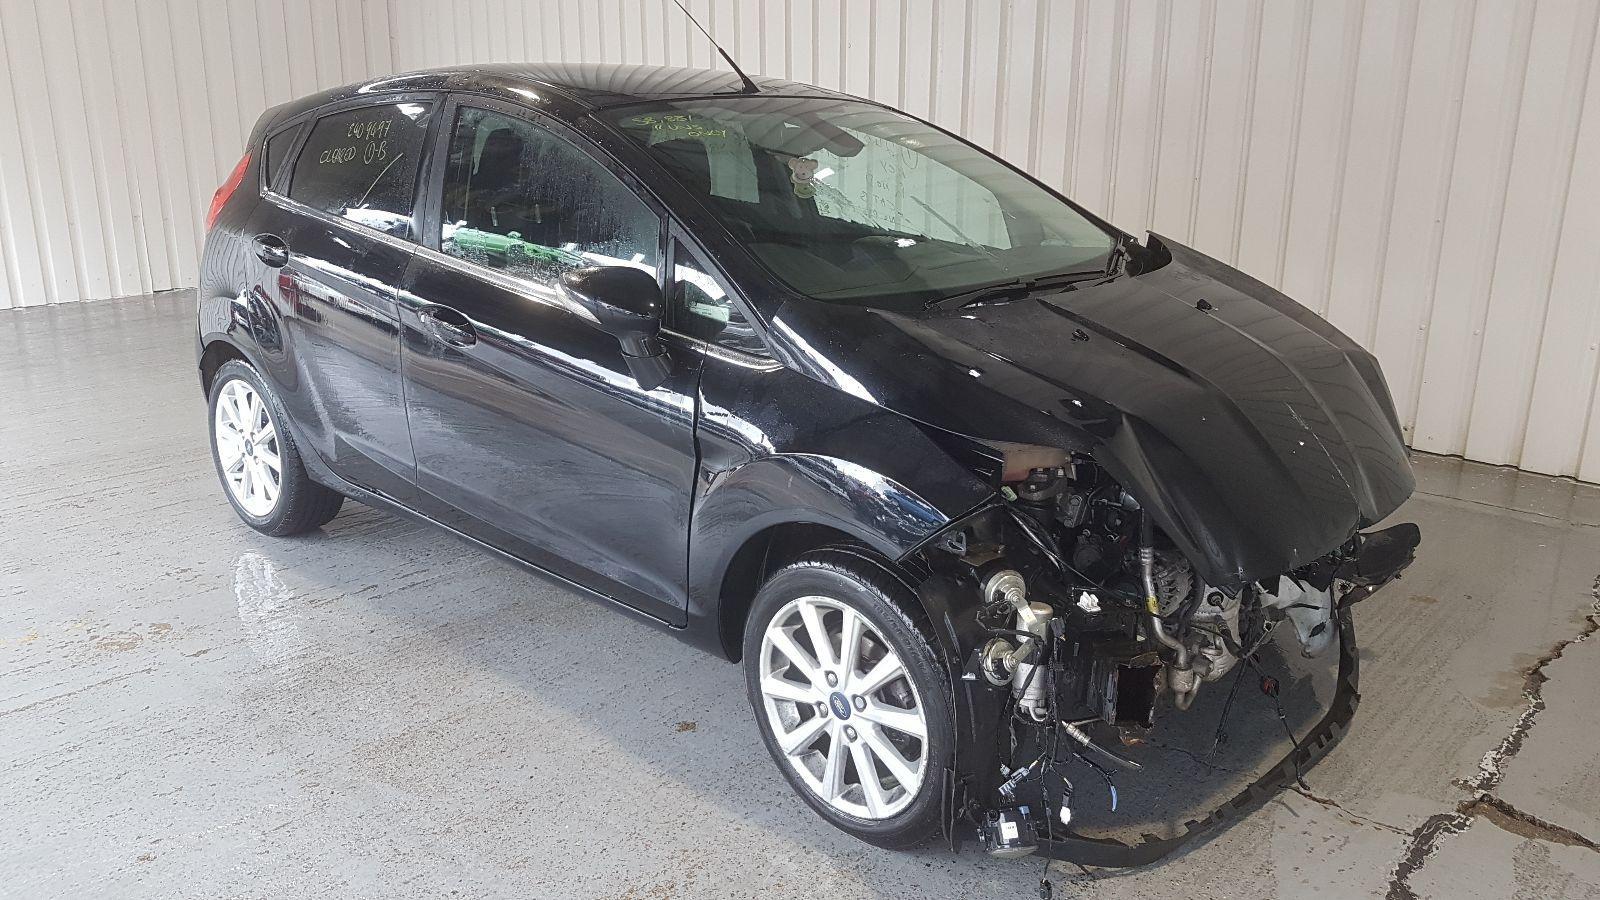 Image for a Ford Fiesta 2015 5 Door Hatchback